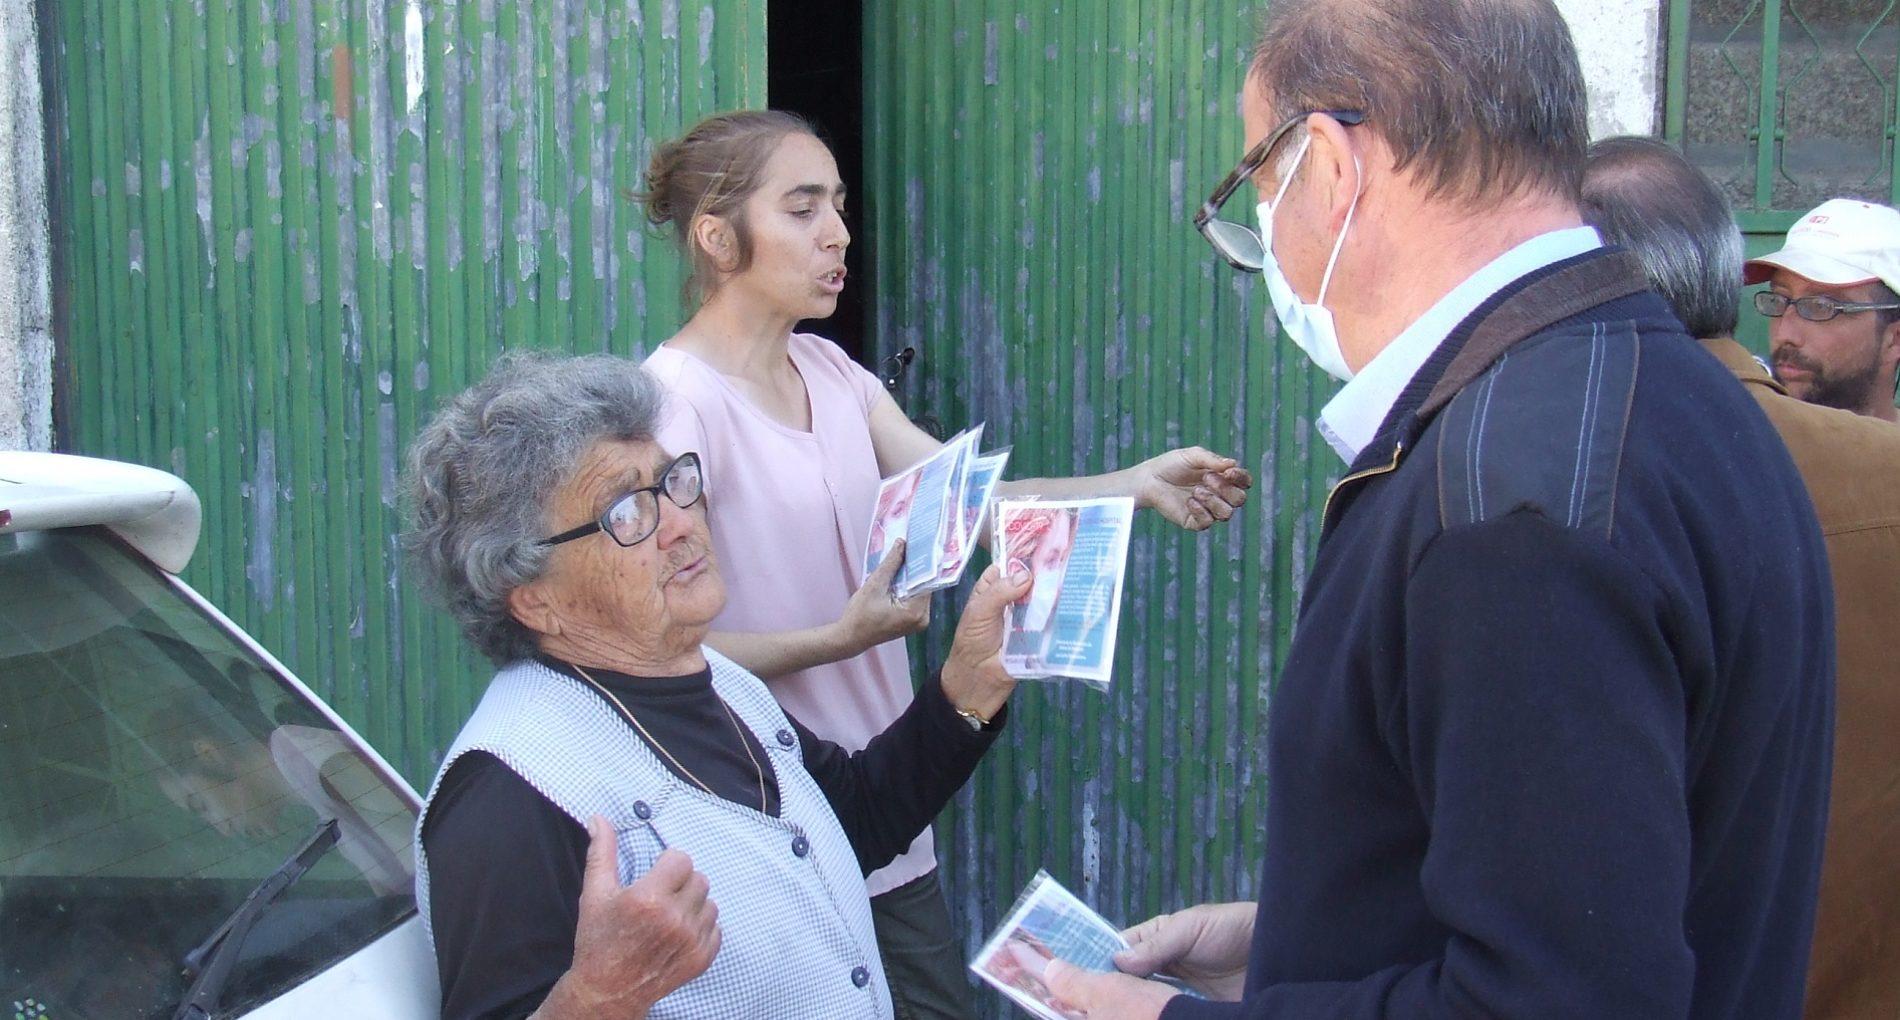 Município de Oliveira do Hospital iniciou distribuição de 48 mil máscaras pela população (com vídeo)